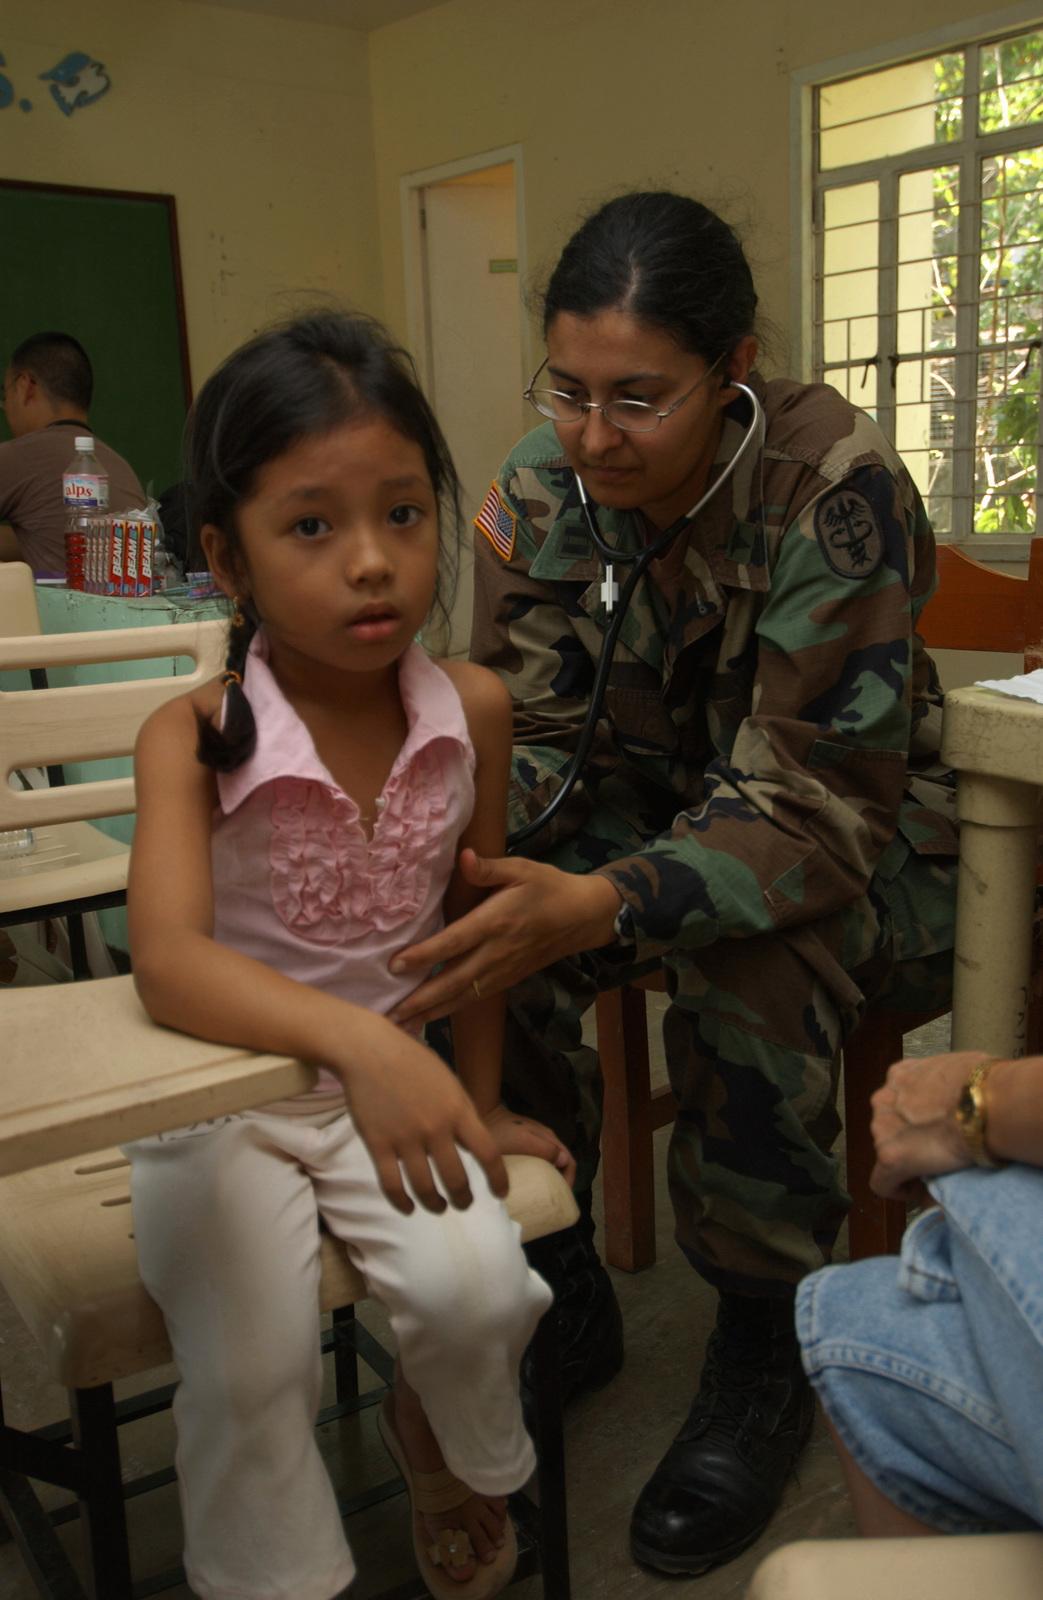 U S  Army Captain Harkritin Gydee checks the health of a